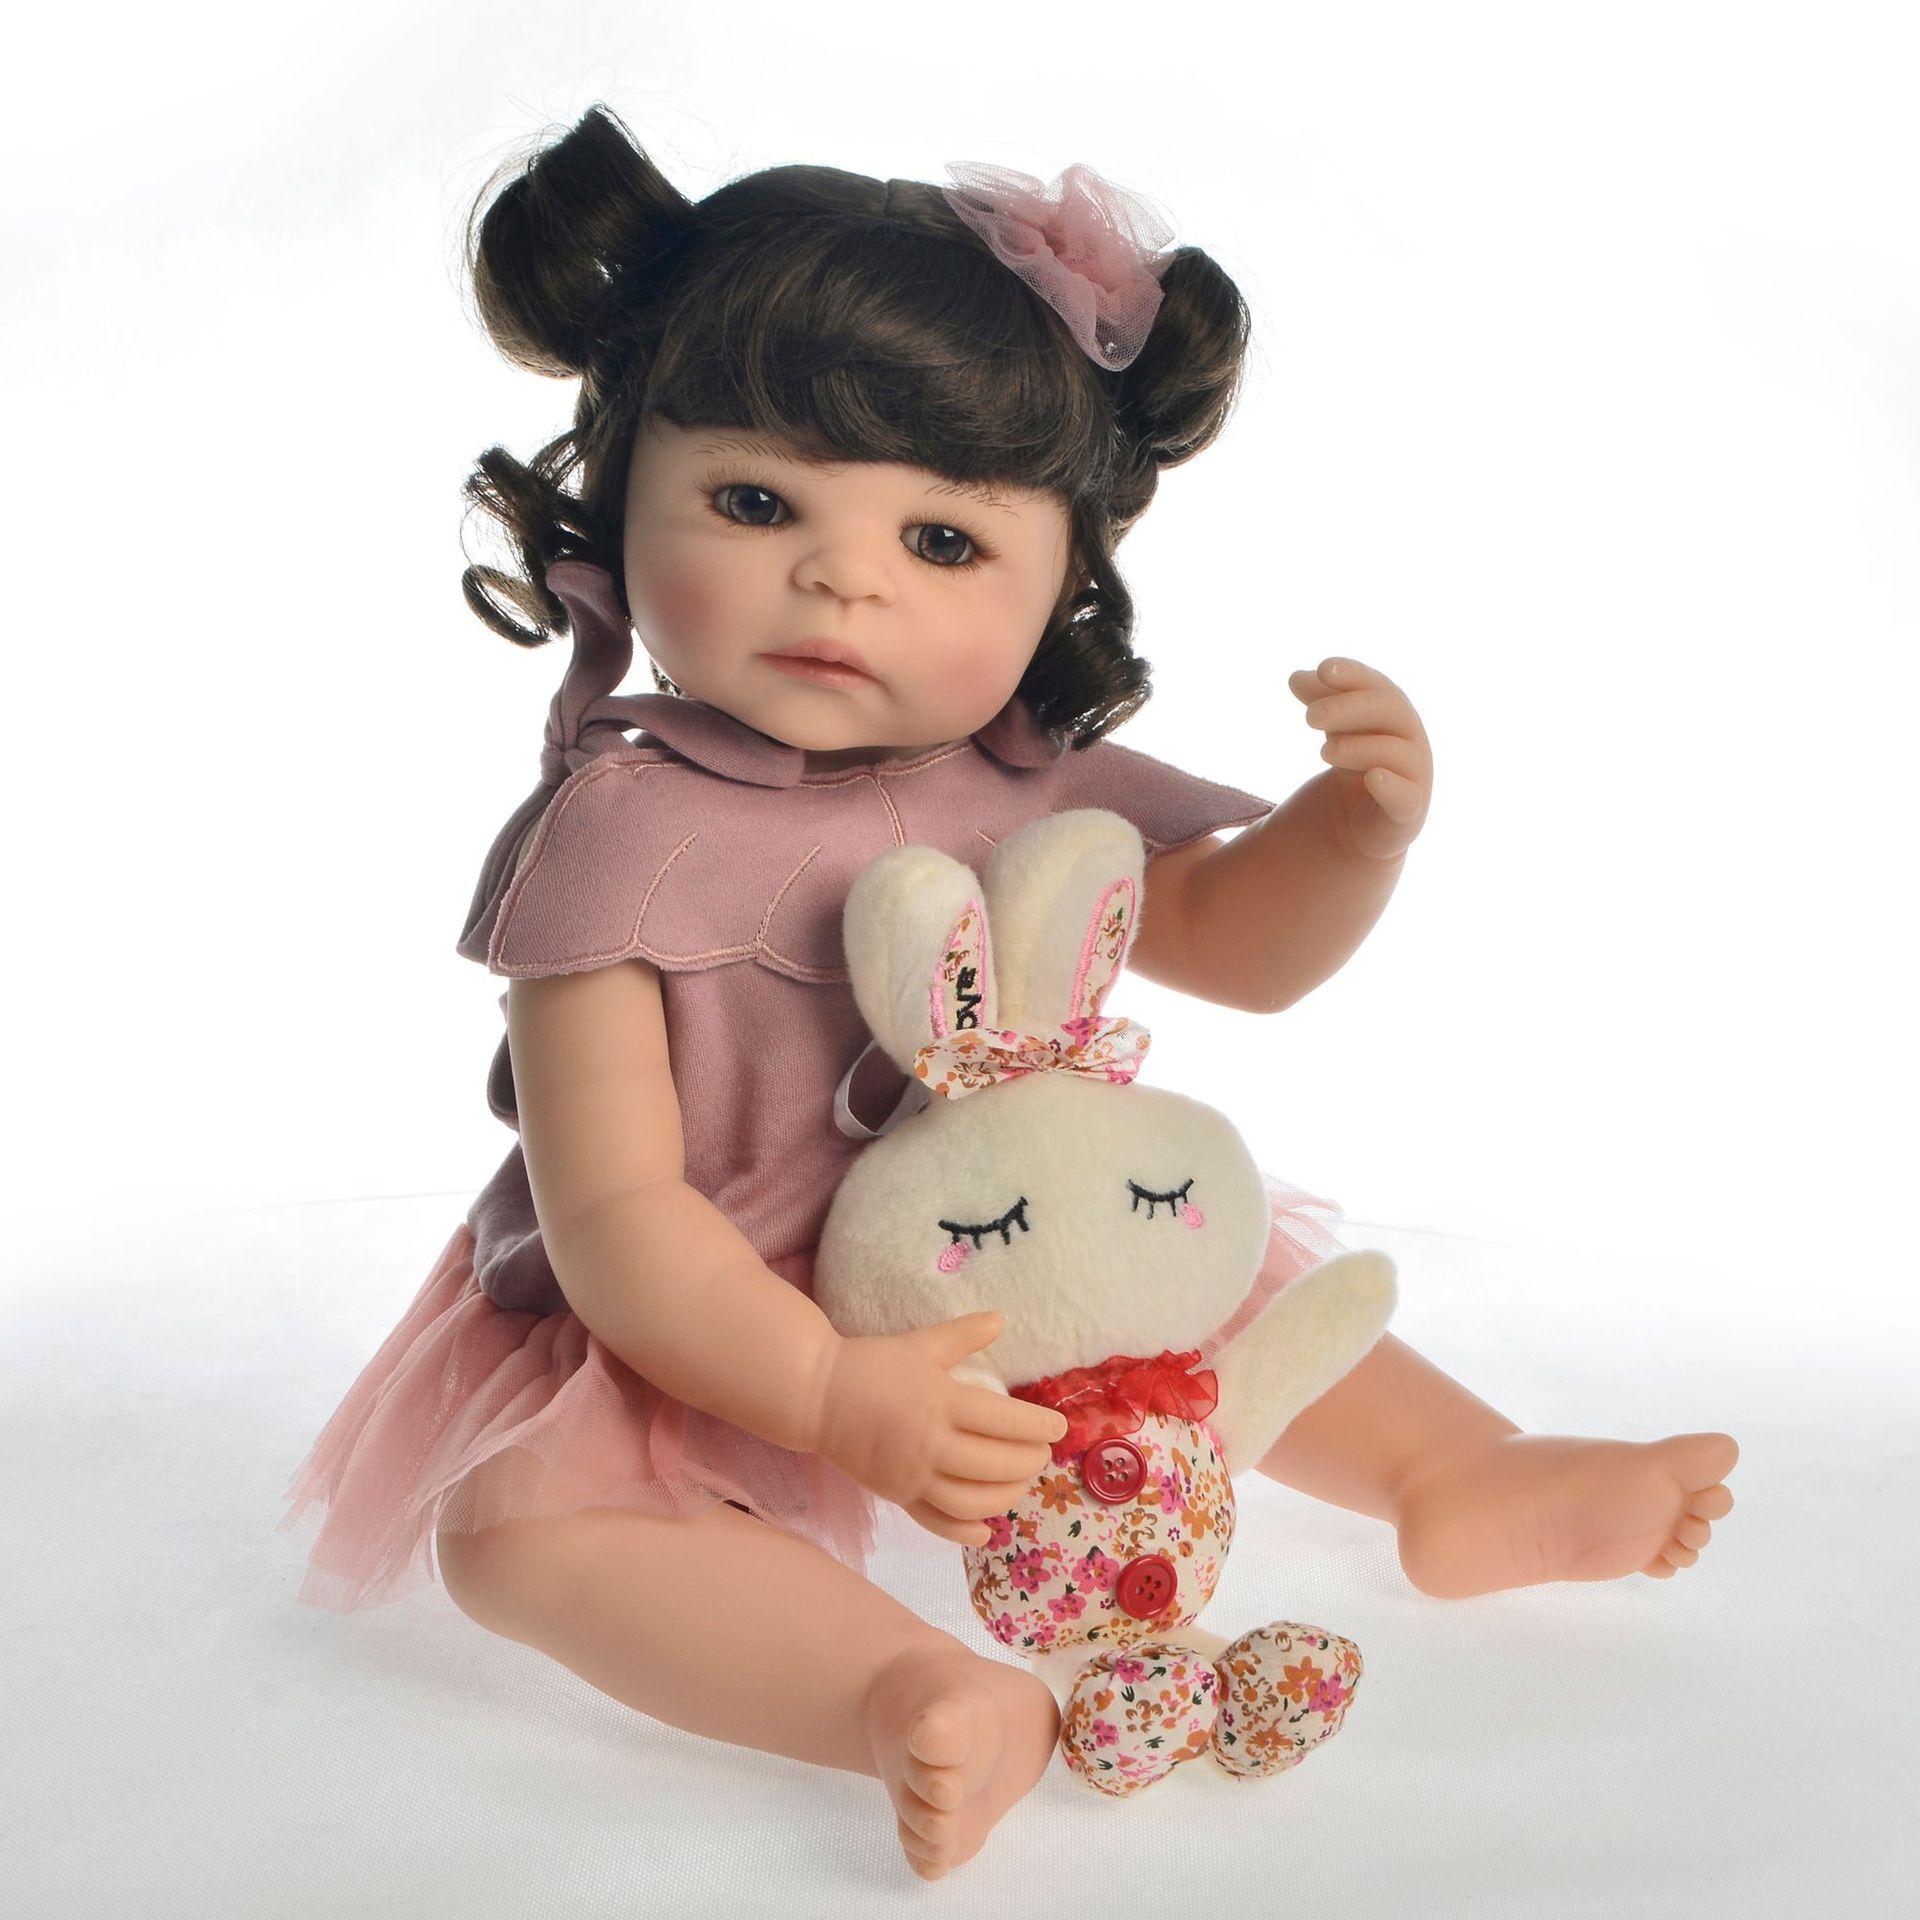 Réaliste silicone poupées reborn bébé fille 55 cm bebes reborn bébés bébé poupées yeux bruns pour nouveau-né poupée fête cadeau infantile jouet